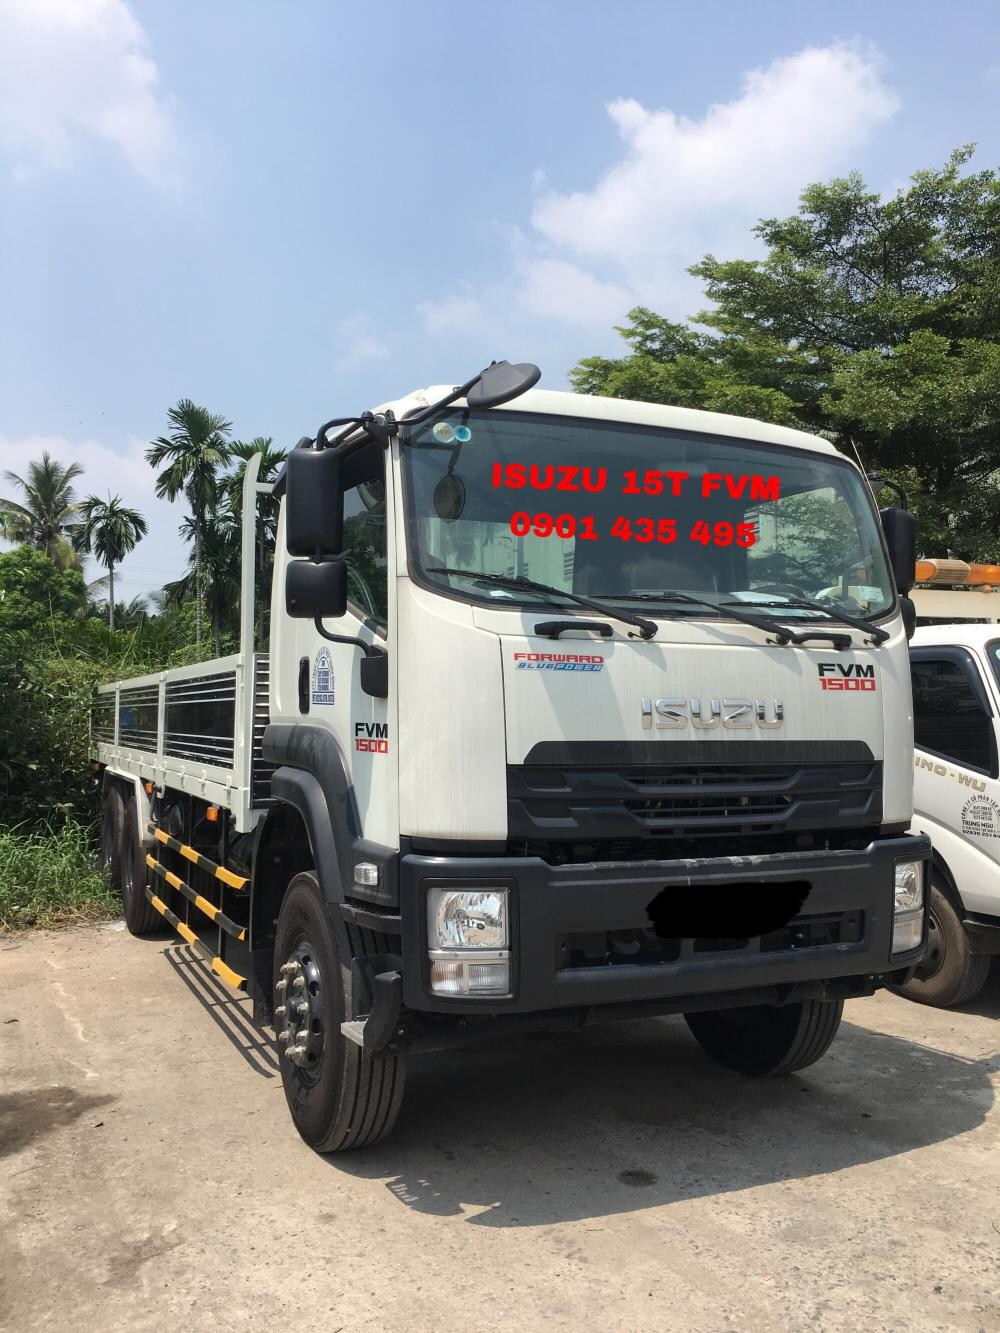 Bán Isuzu 15T (FVM34W), KM thuế trước bạ, 400L dầu, 2 vỏ xe